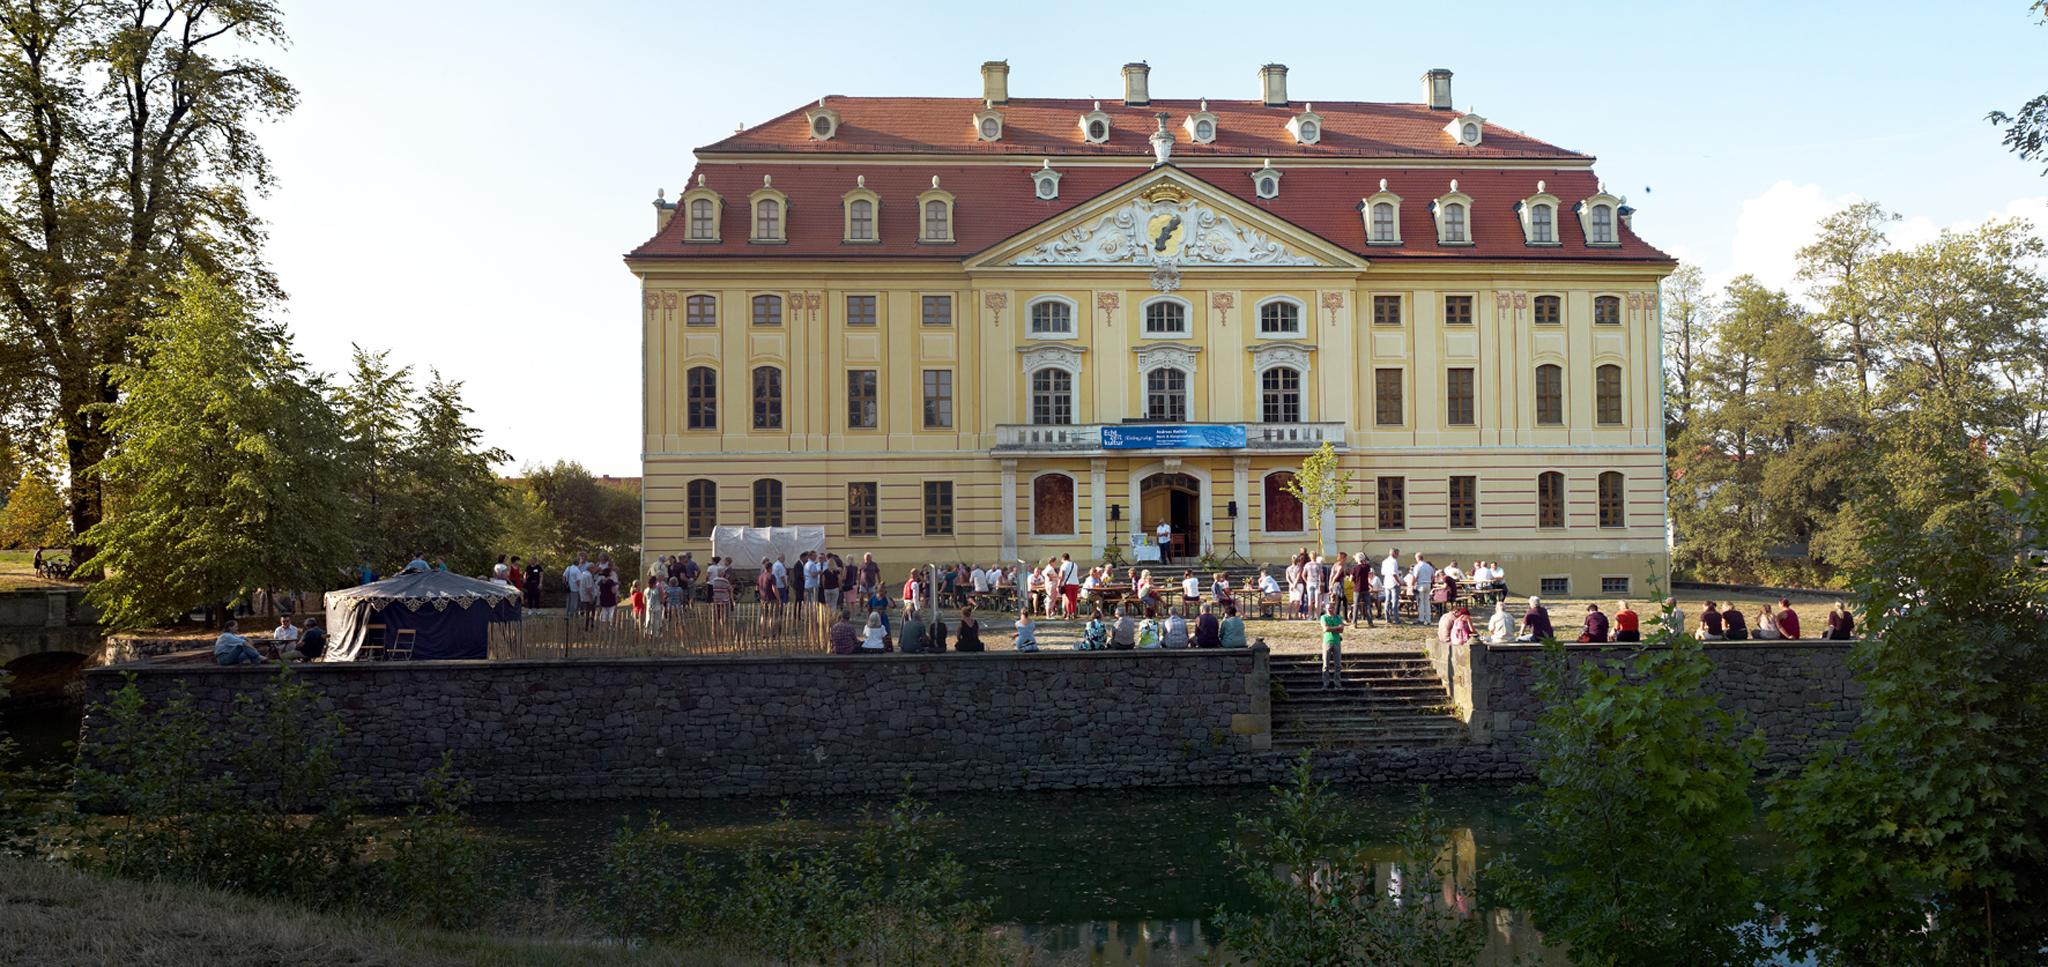 Barockschloss Wachau  vor der Ausstellungs- und Festeröffnung am 17. August 2018. Foto: Matthias Schumann © ORLA e.V.